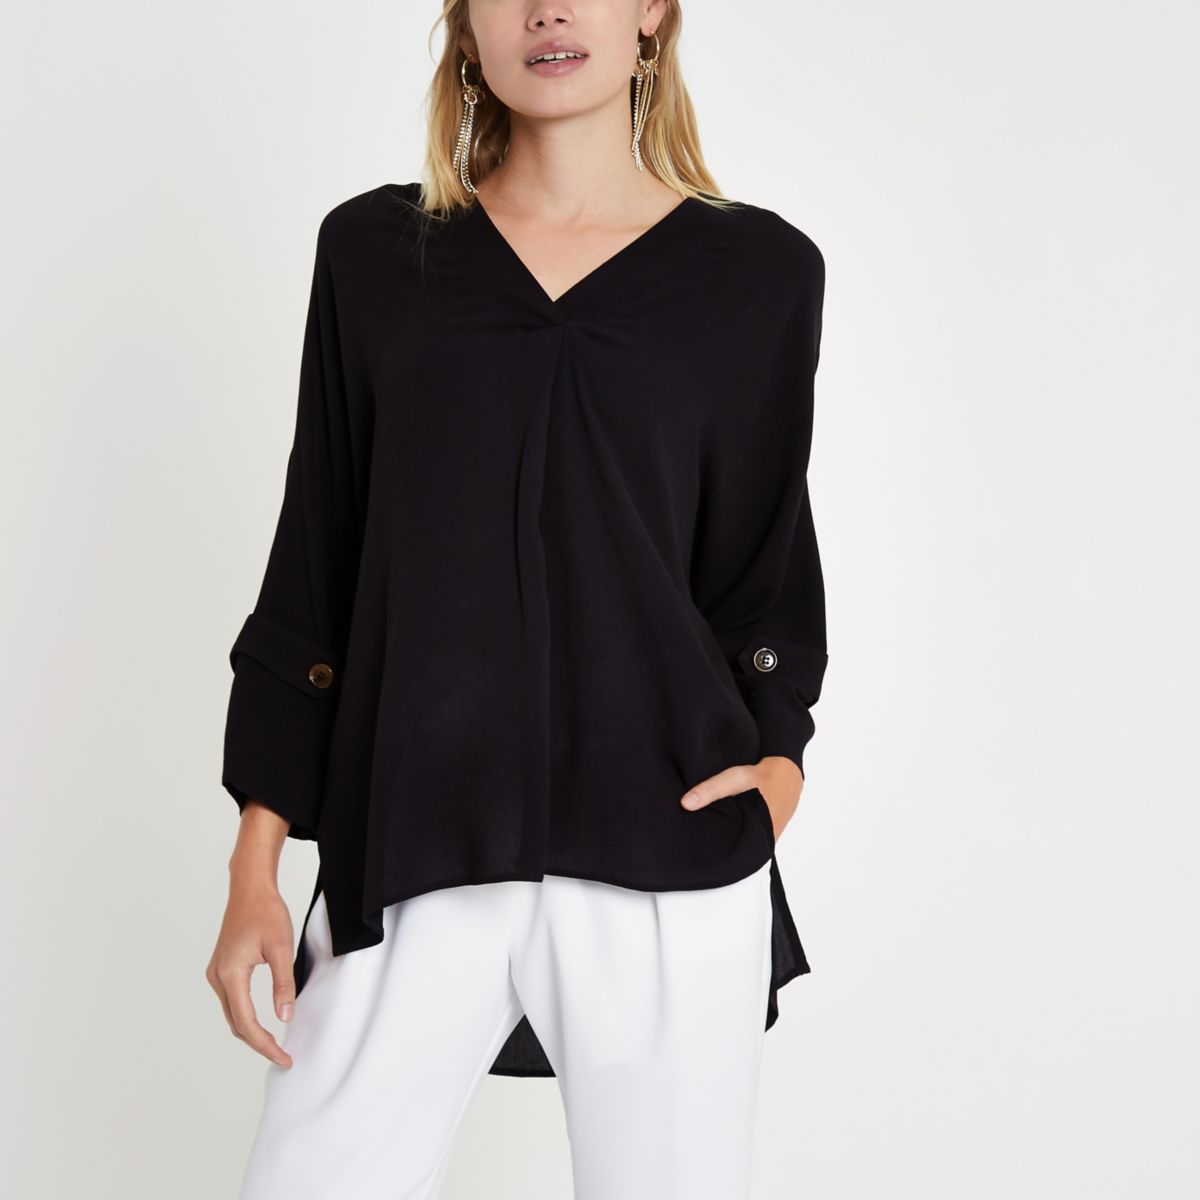 Schwarze, langärmlige Bluse